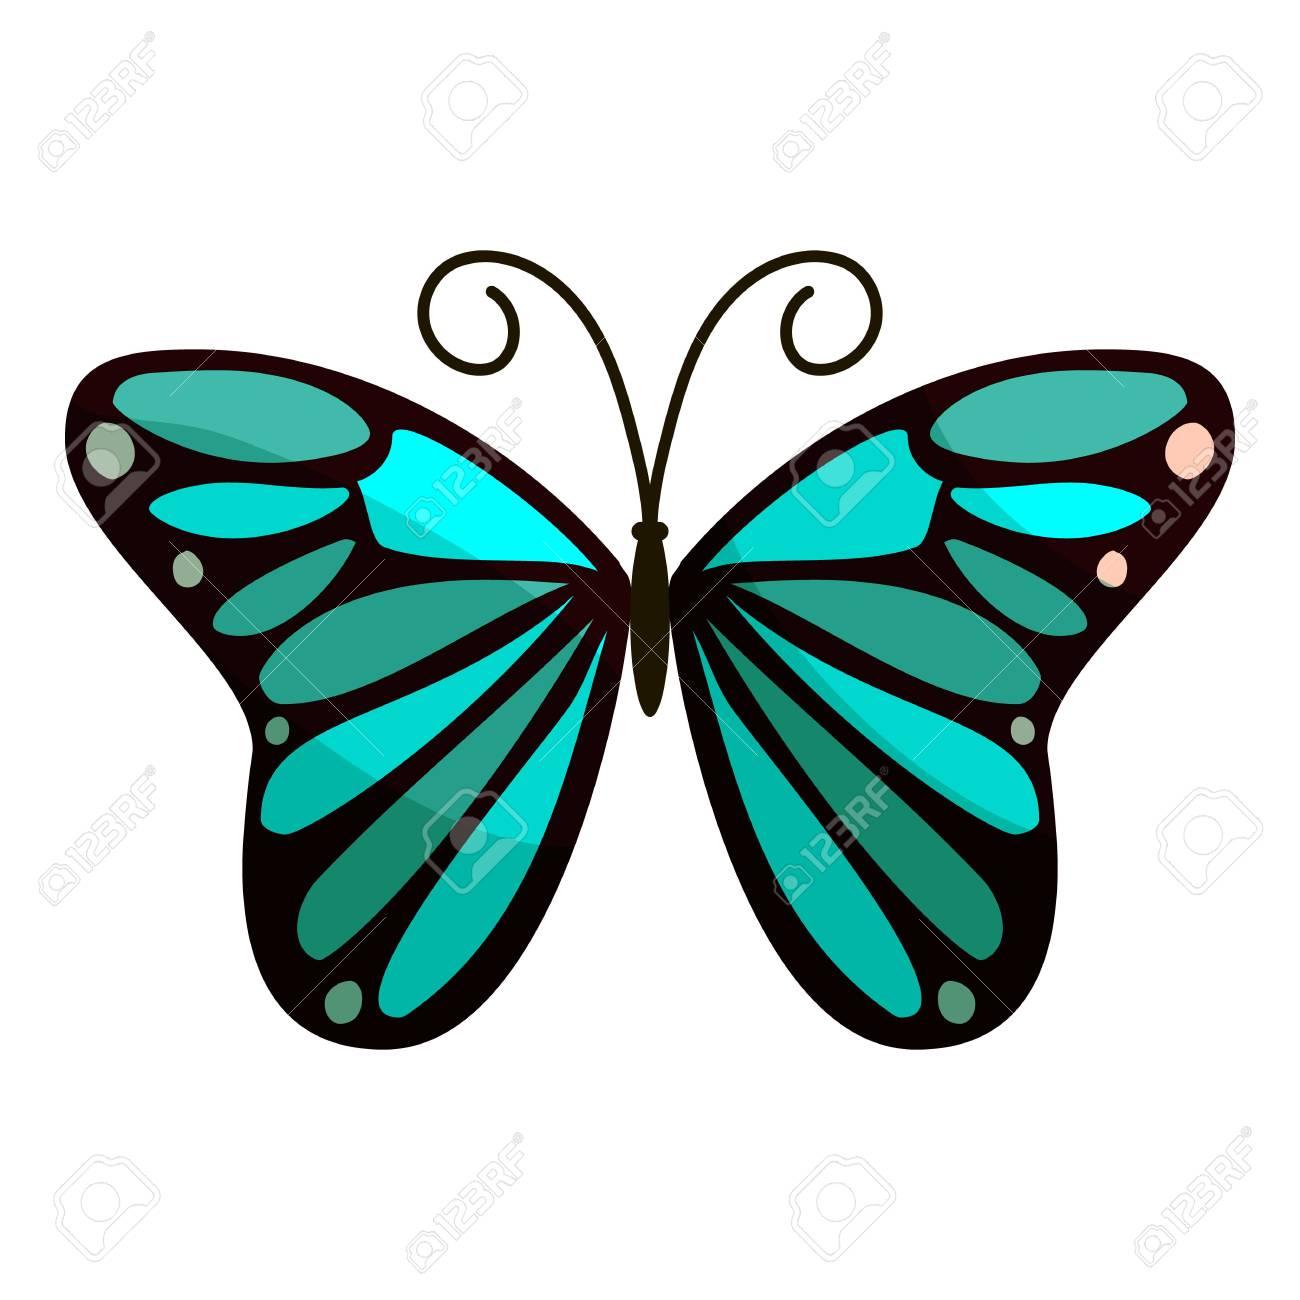 icono de mariposa brillante ilustración de dibujos animados de